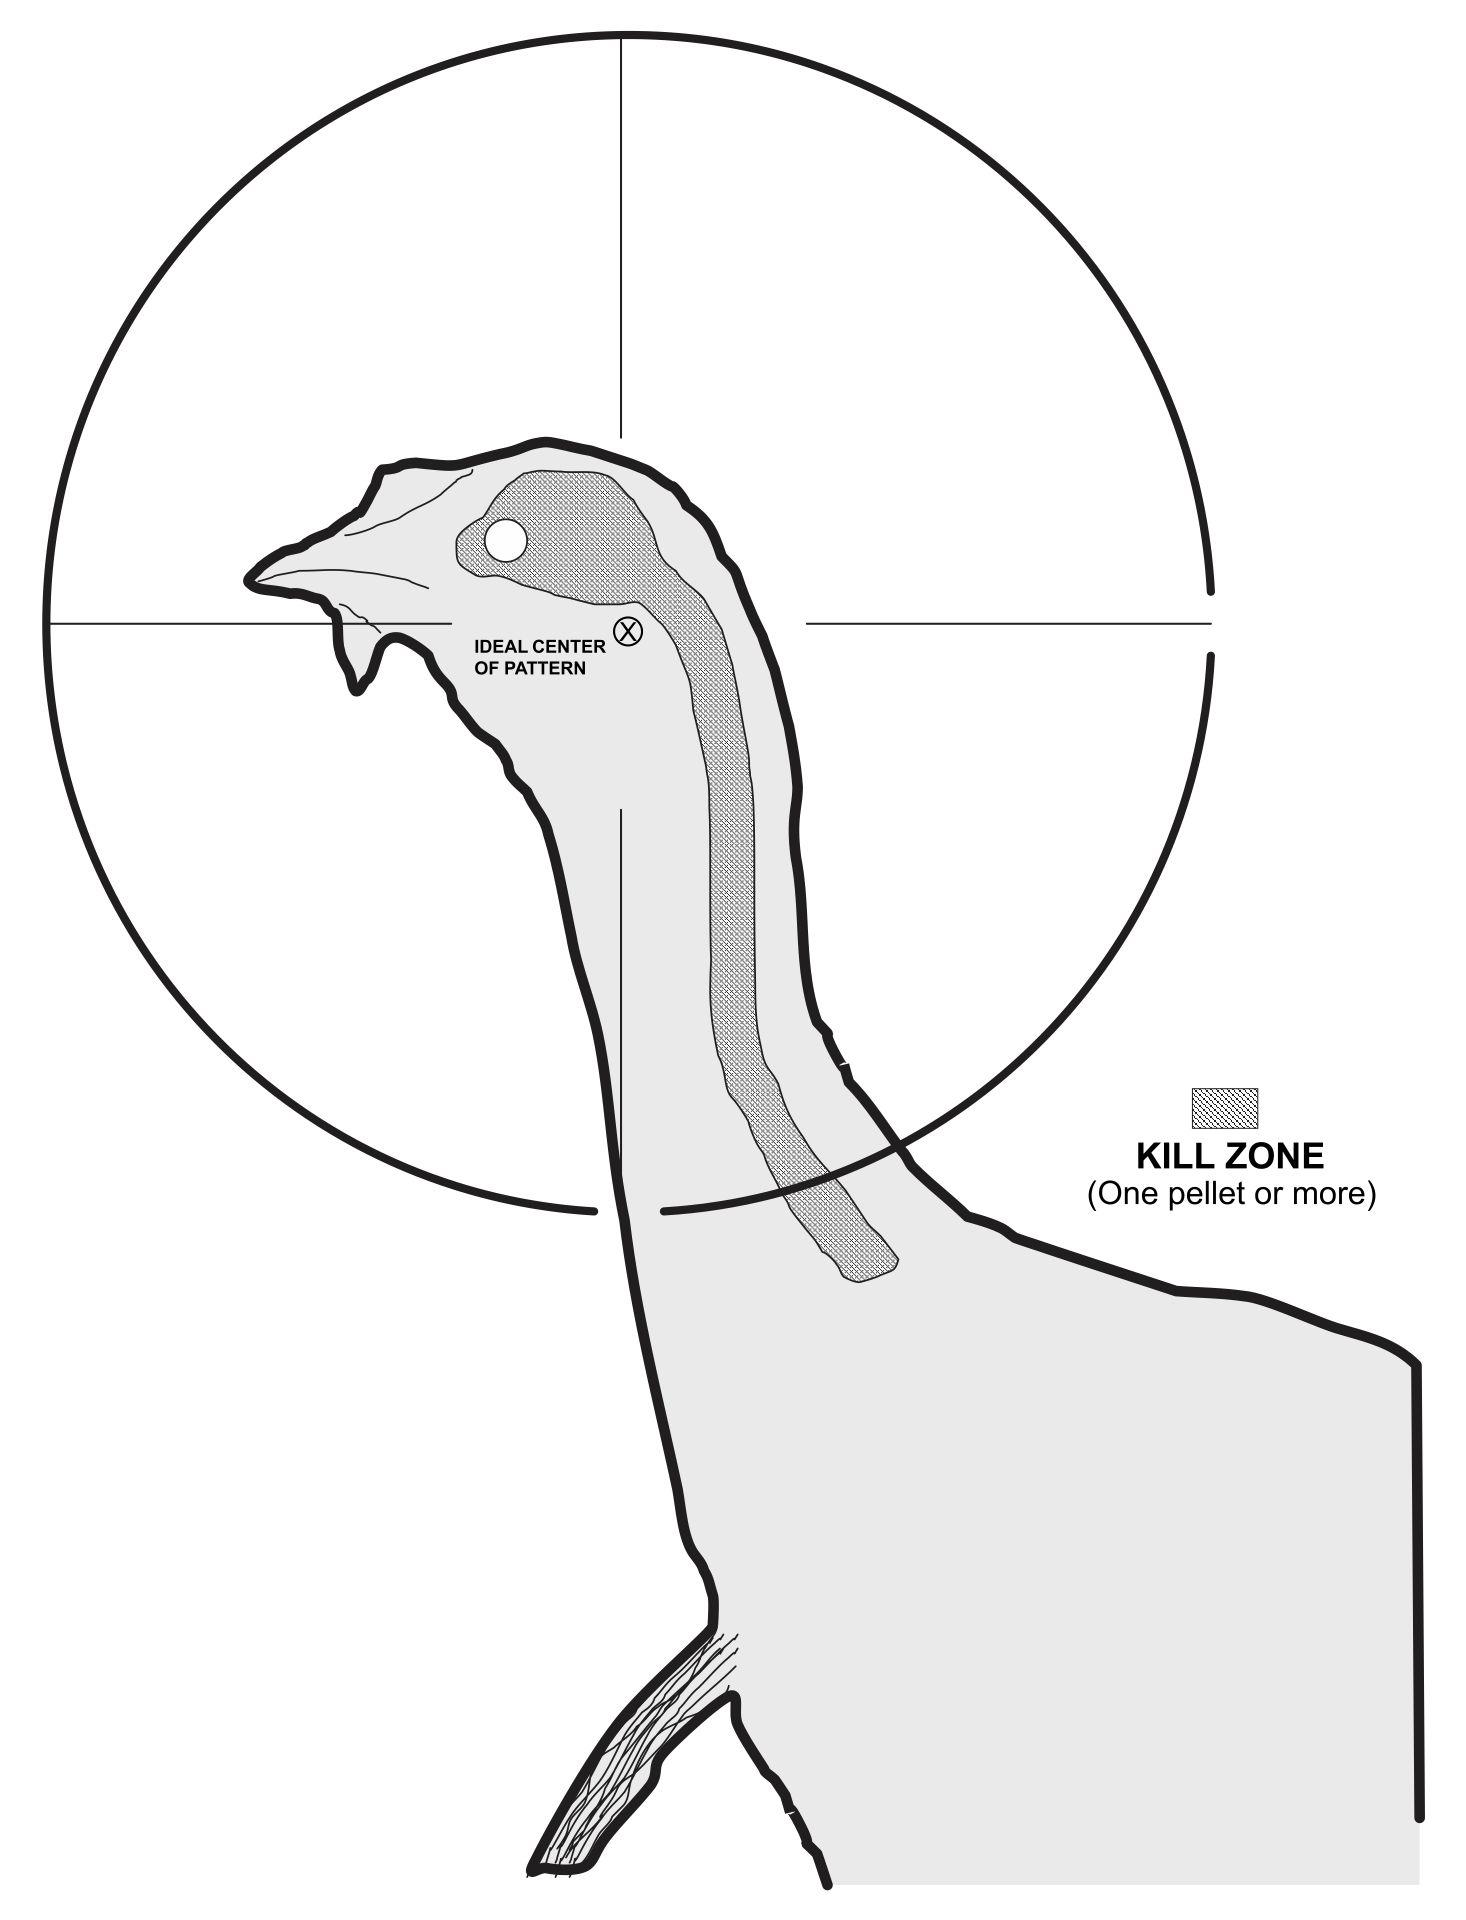 Printable Turkey Targets for Shooting